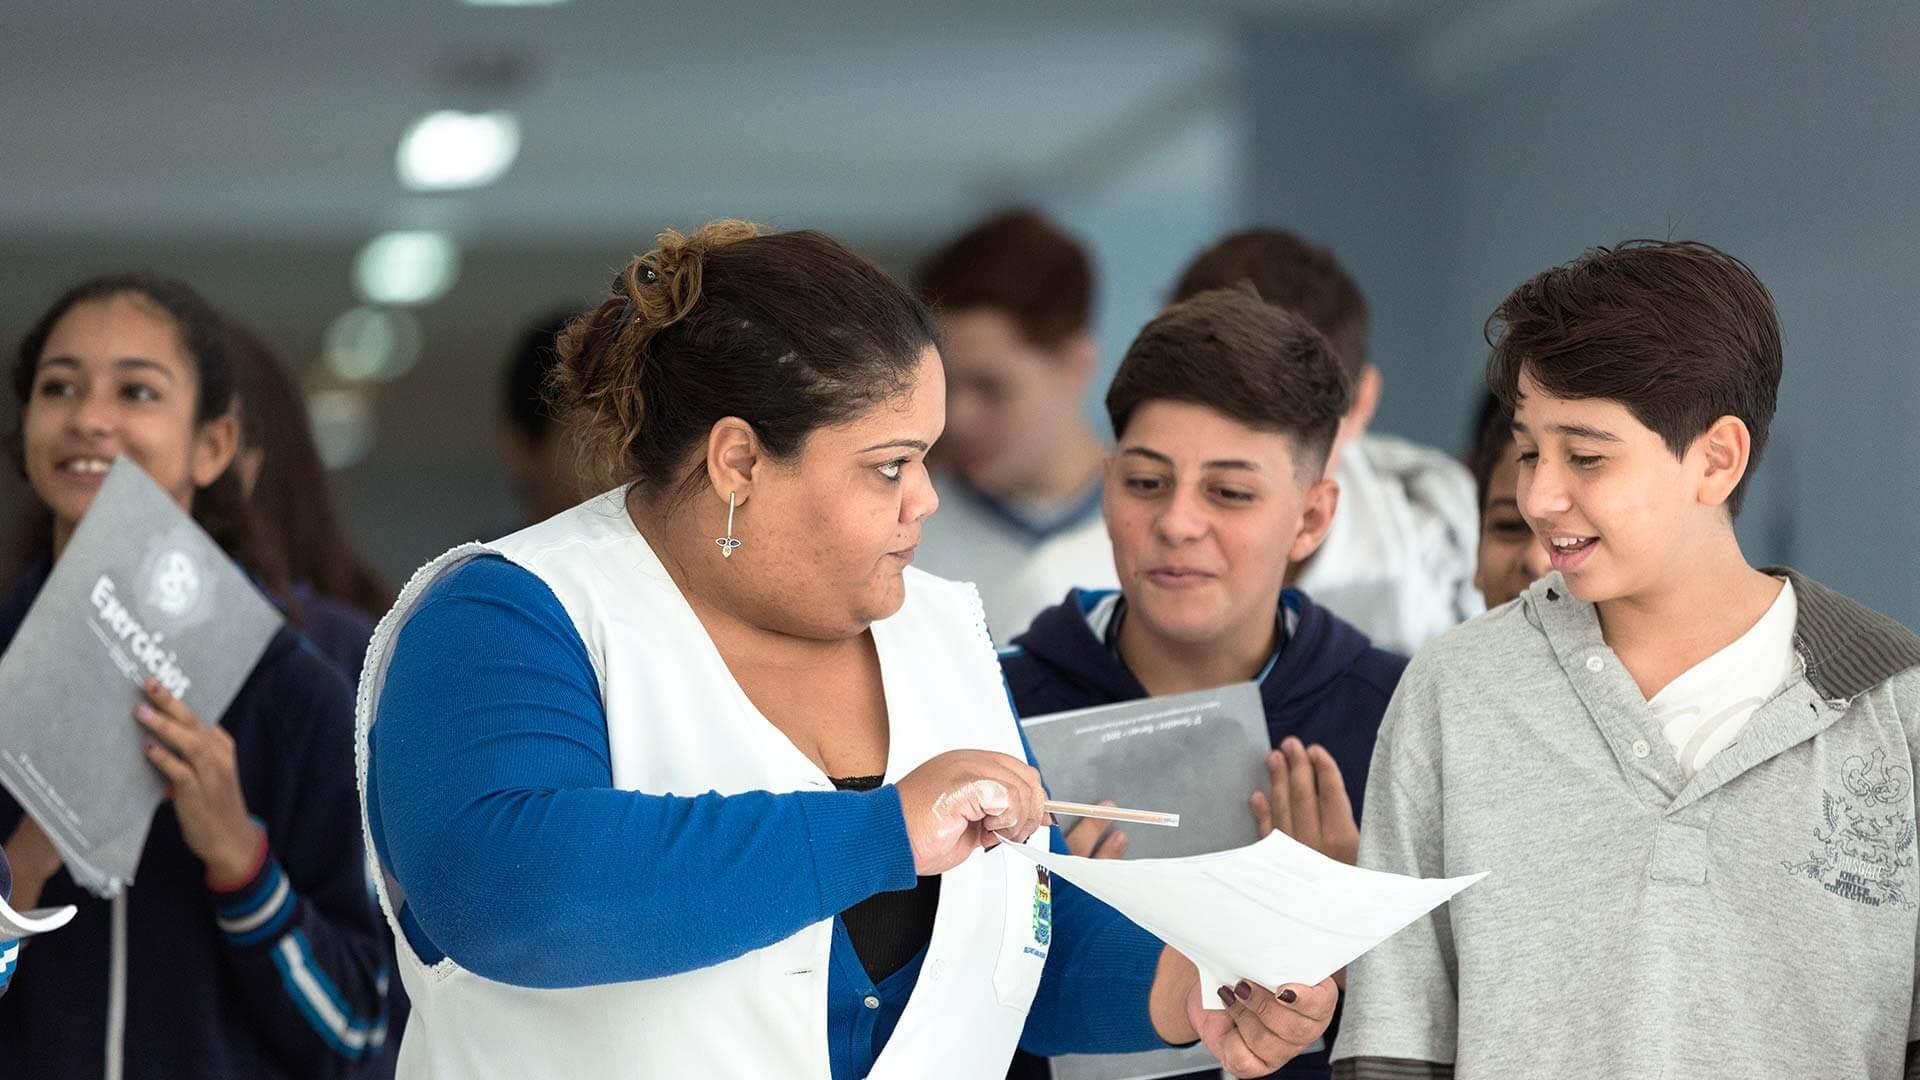 #EuProfessor - Troca de experiências e valorização